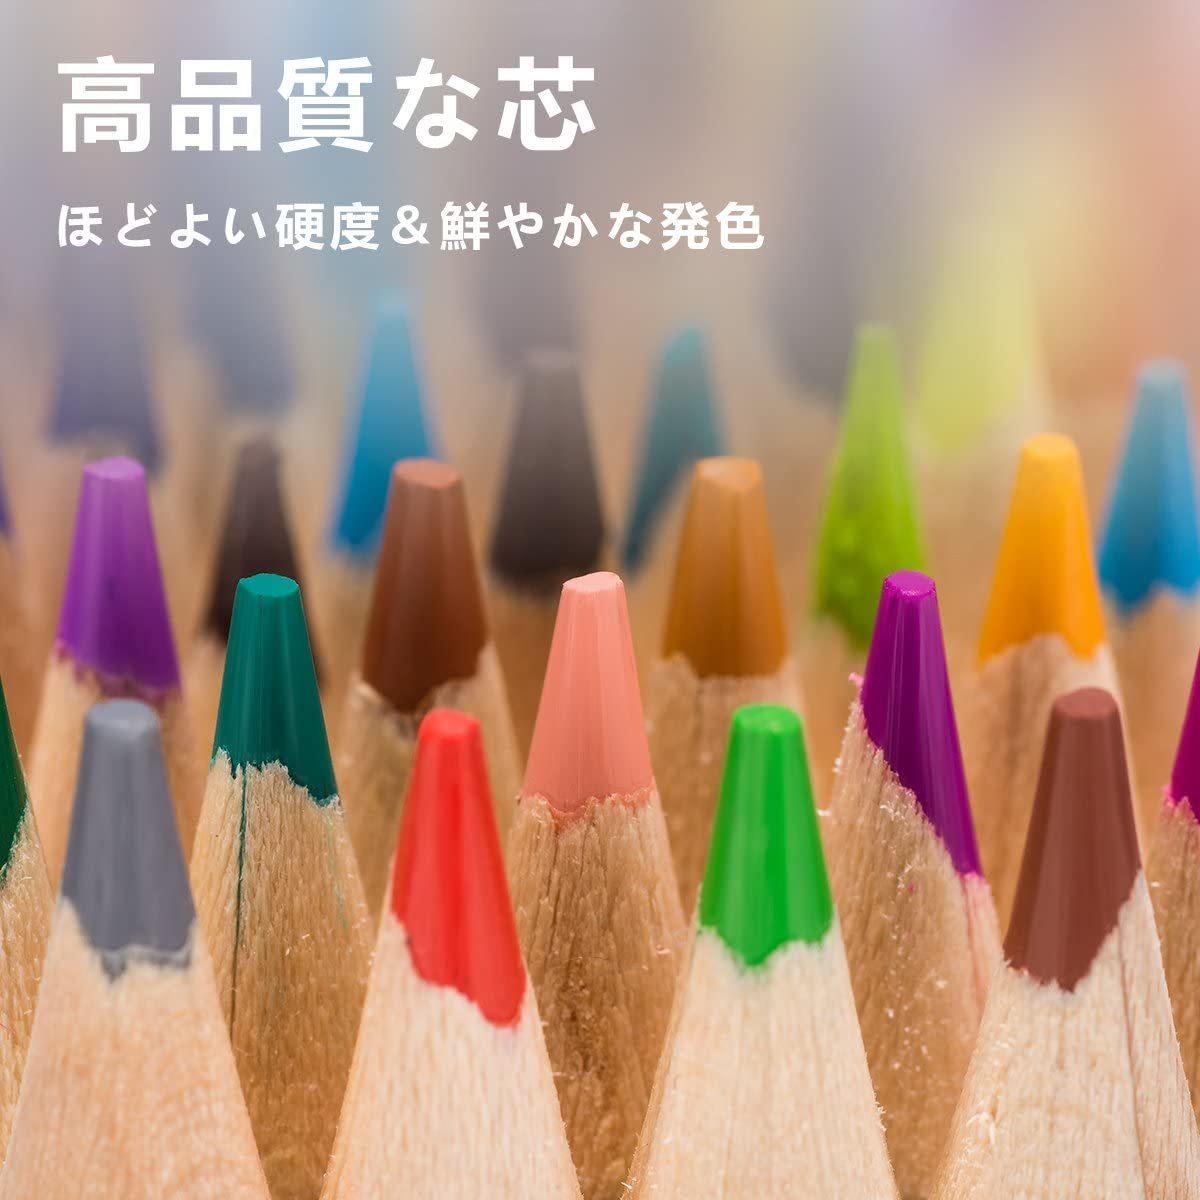 MEGICOT 色鉛筆 72色 油性色鉛筆 塗り絵 描き用 収納ケース付き 鉛筆削り付き 携帯便利_画像7